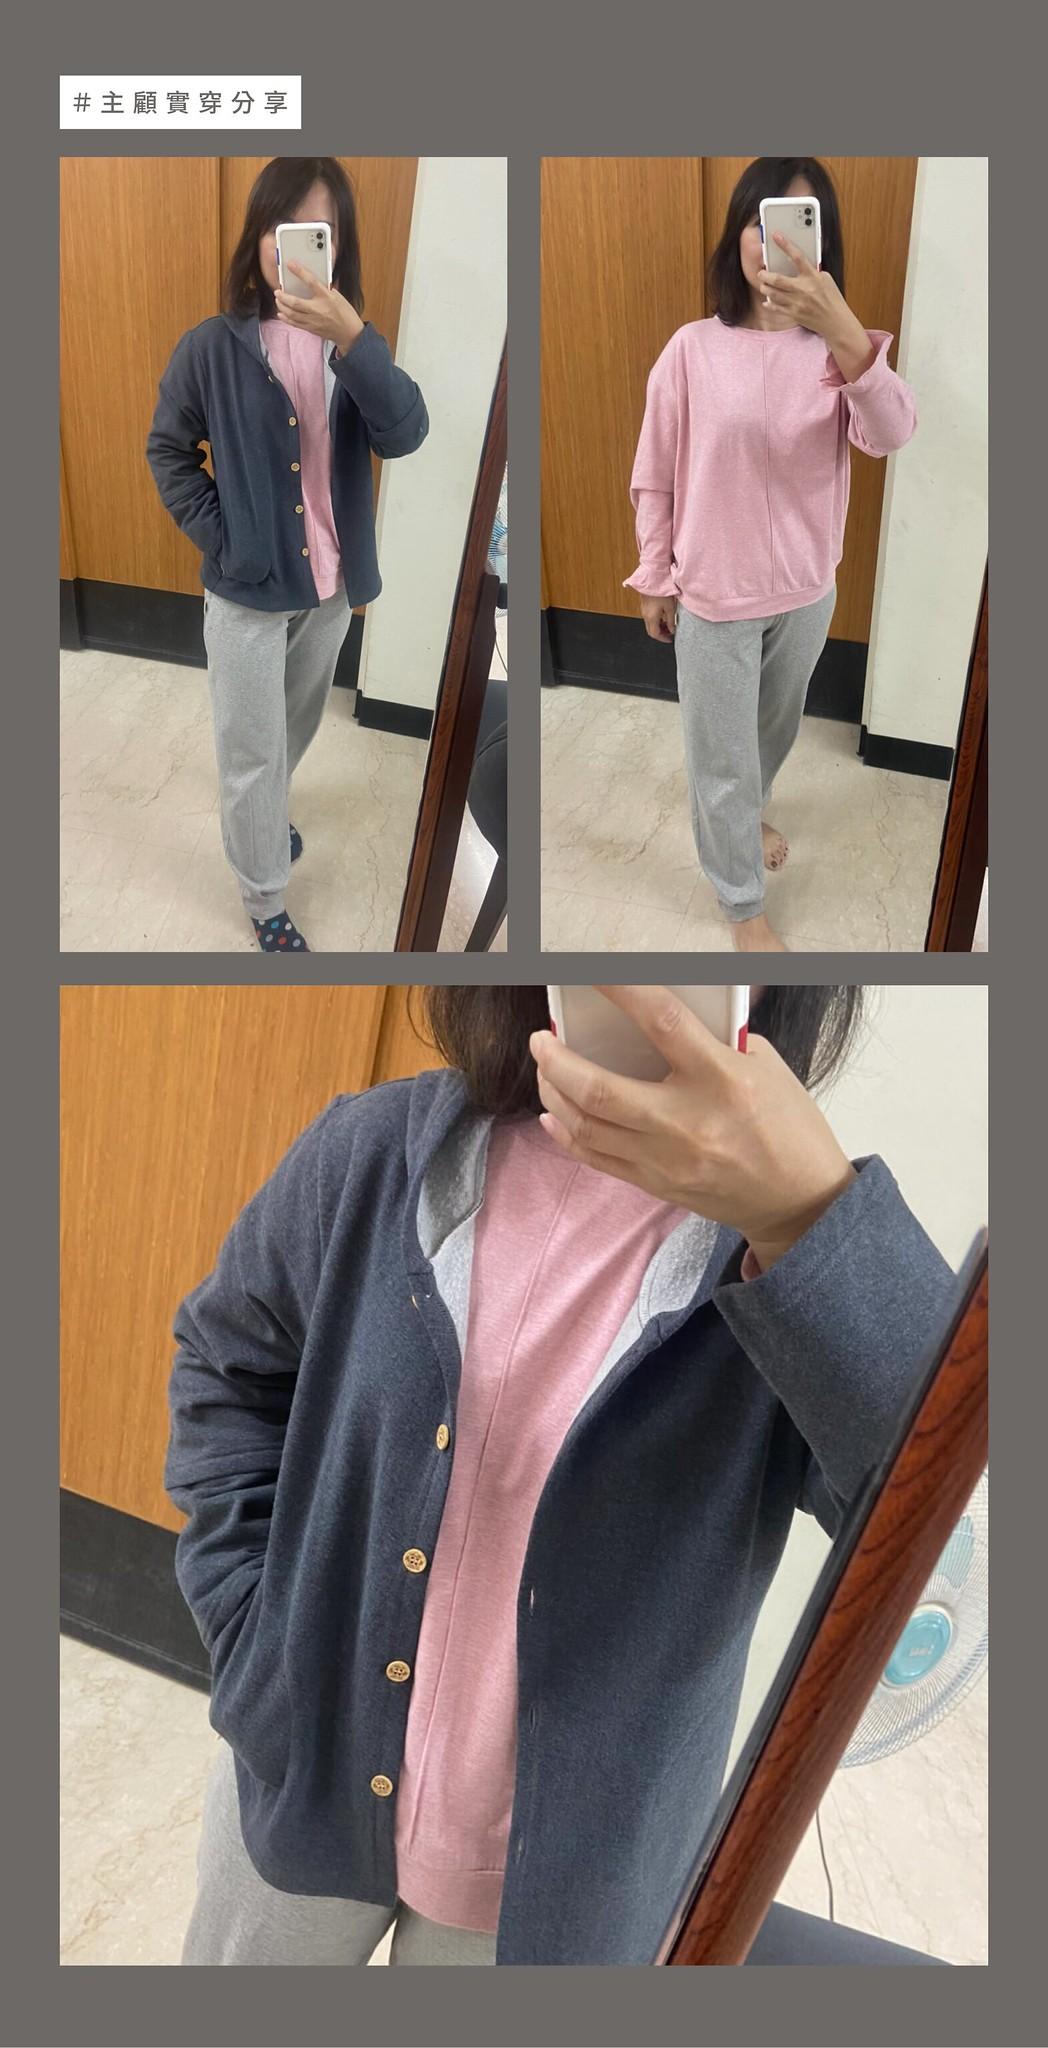 有機棉居家服與有機棉居家褲